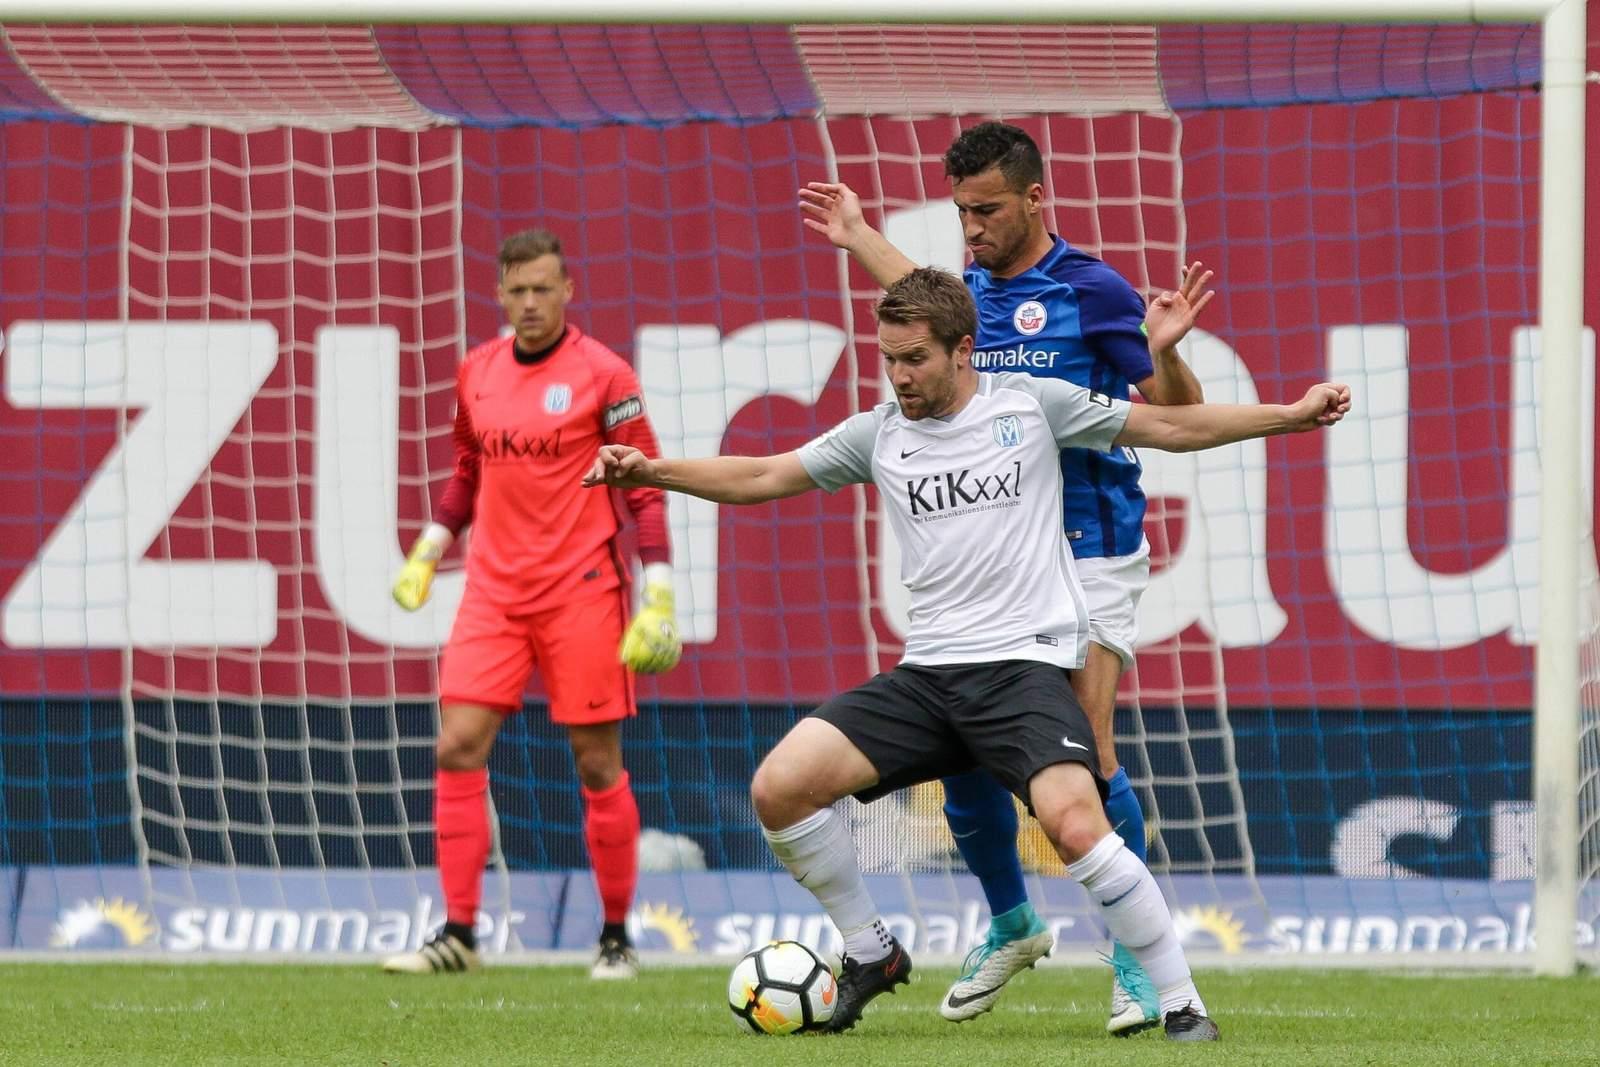 Thilo Leugers verteidigt den Ball gegen Mounir Bouziane. Jetzt auf Meppen gegen Rostock wetten.